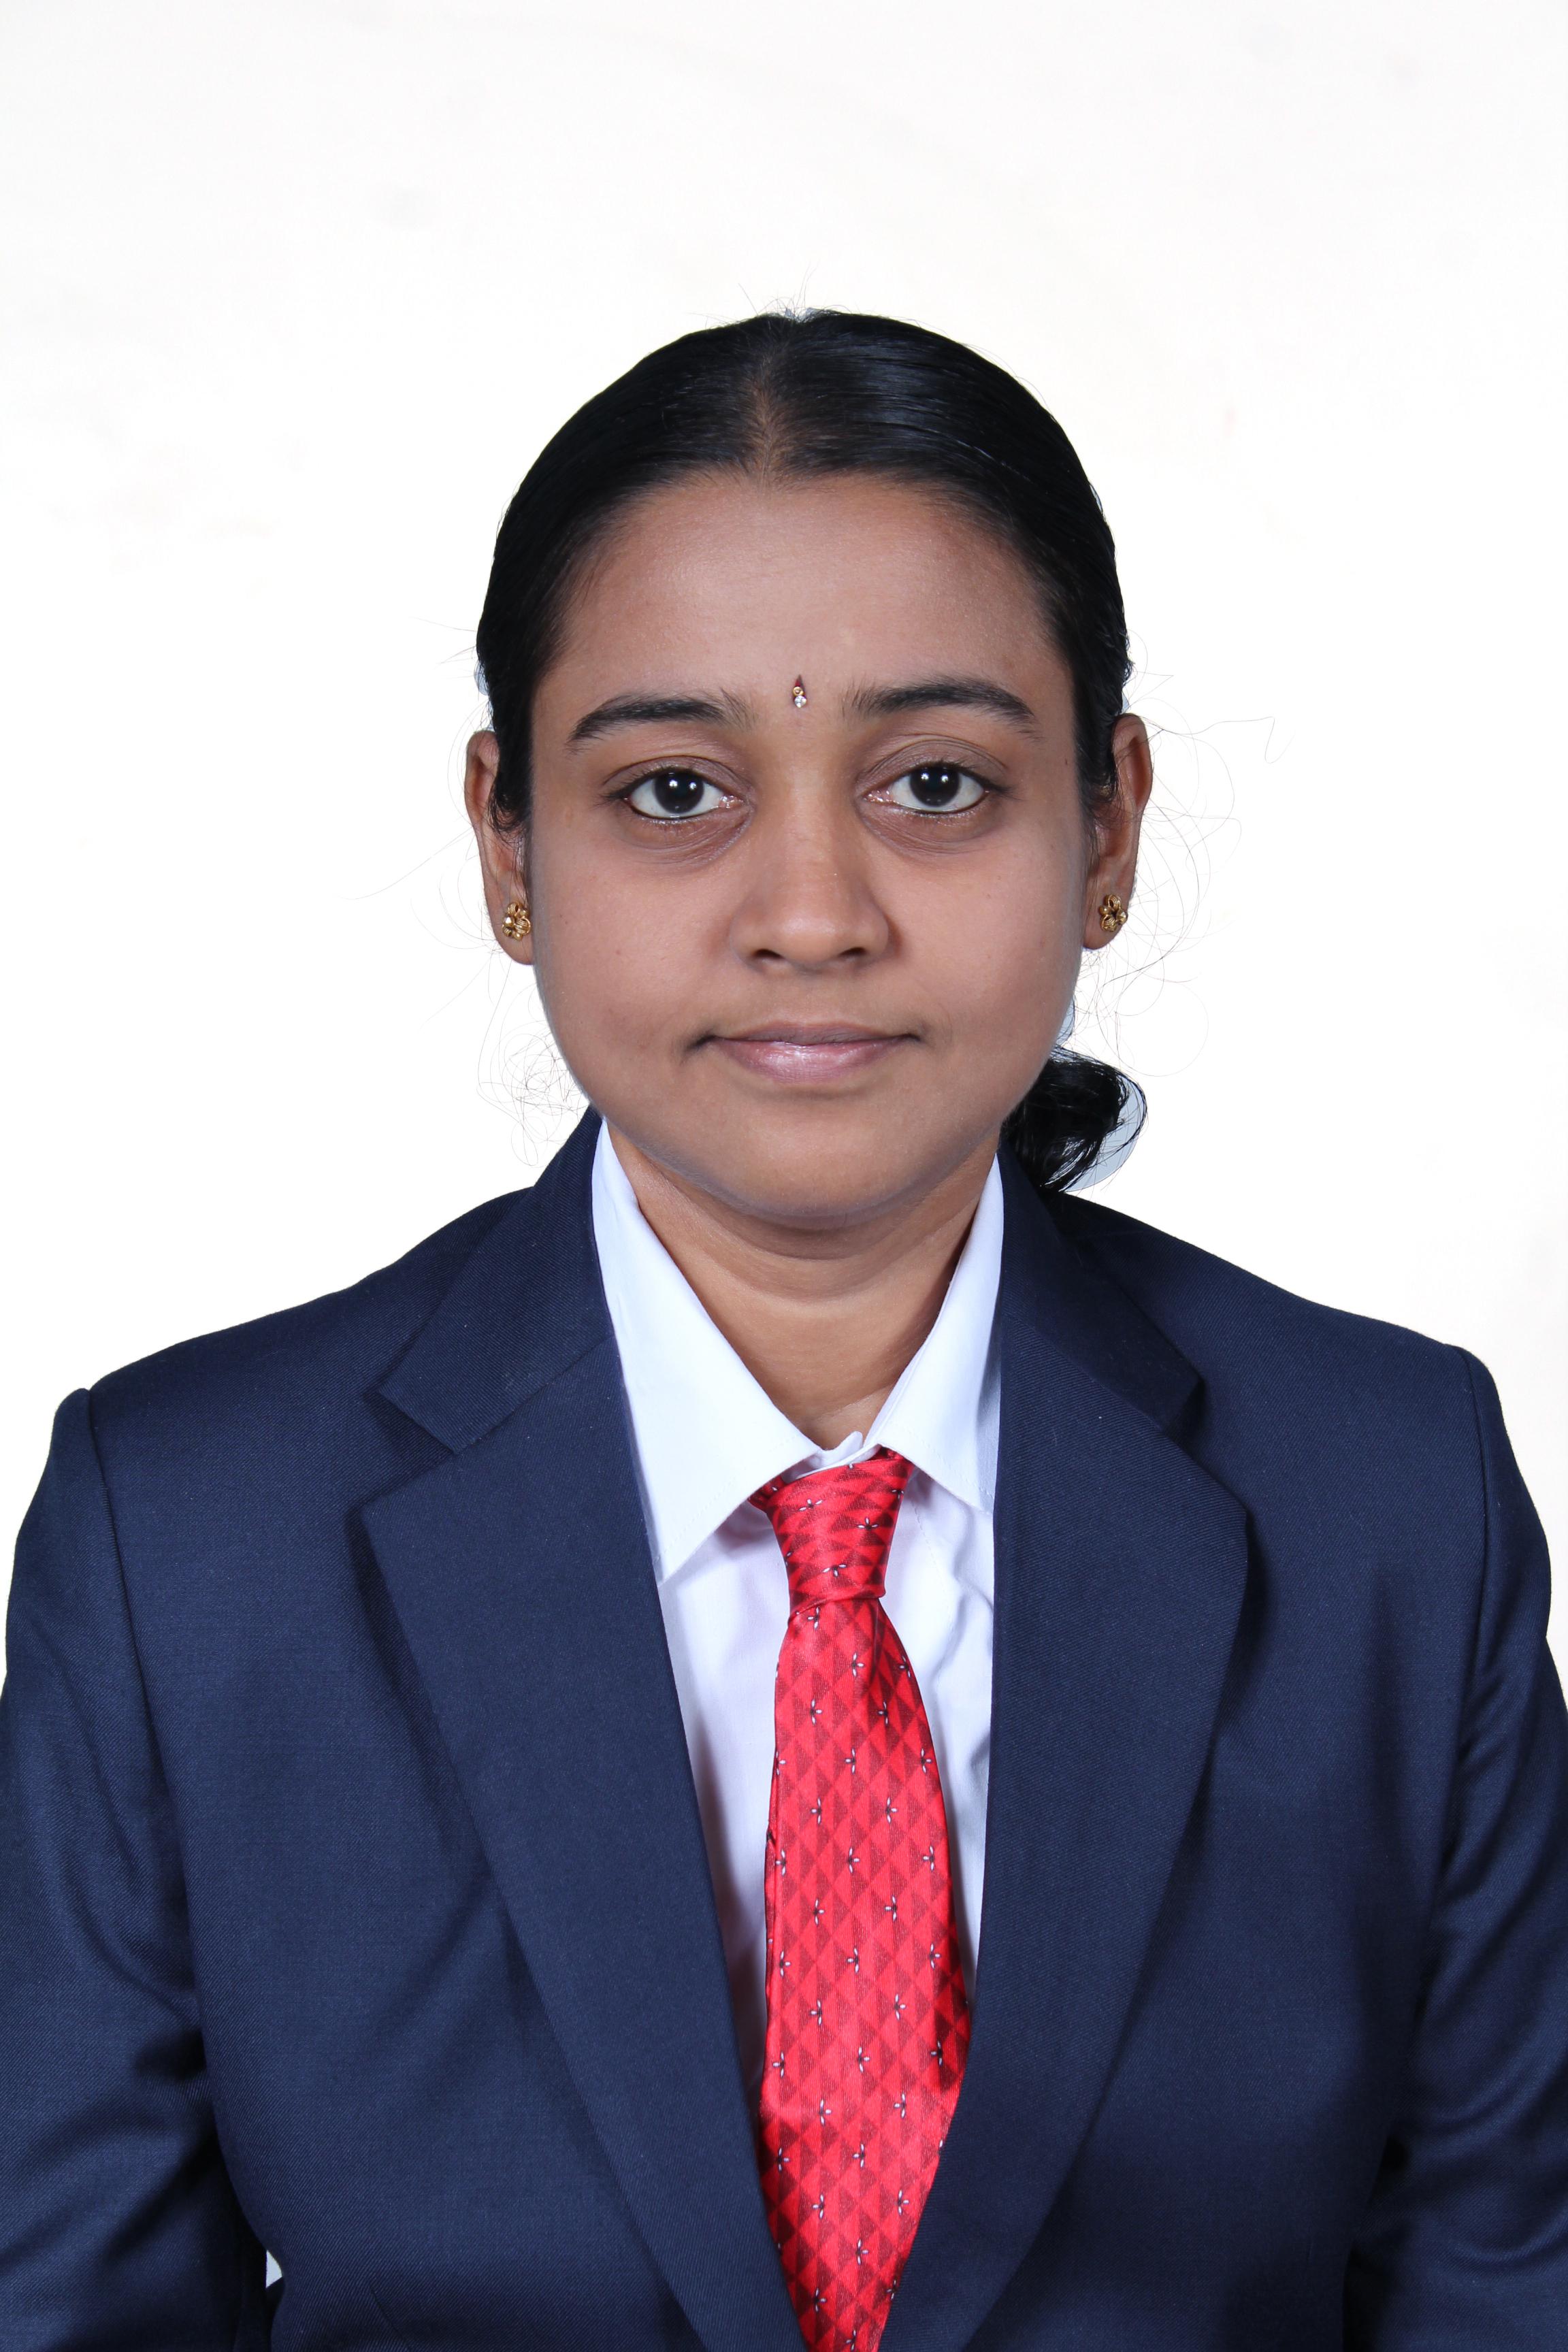 Lakshmi Prabha Sudharsanom, Data Scientist